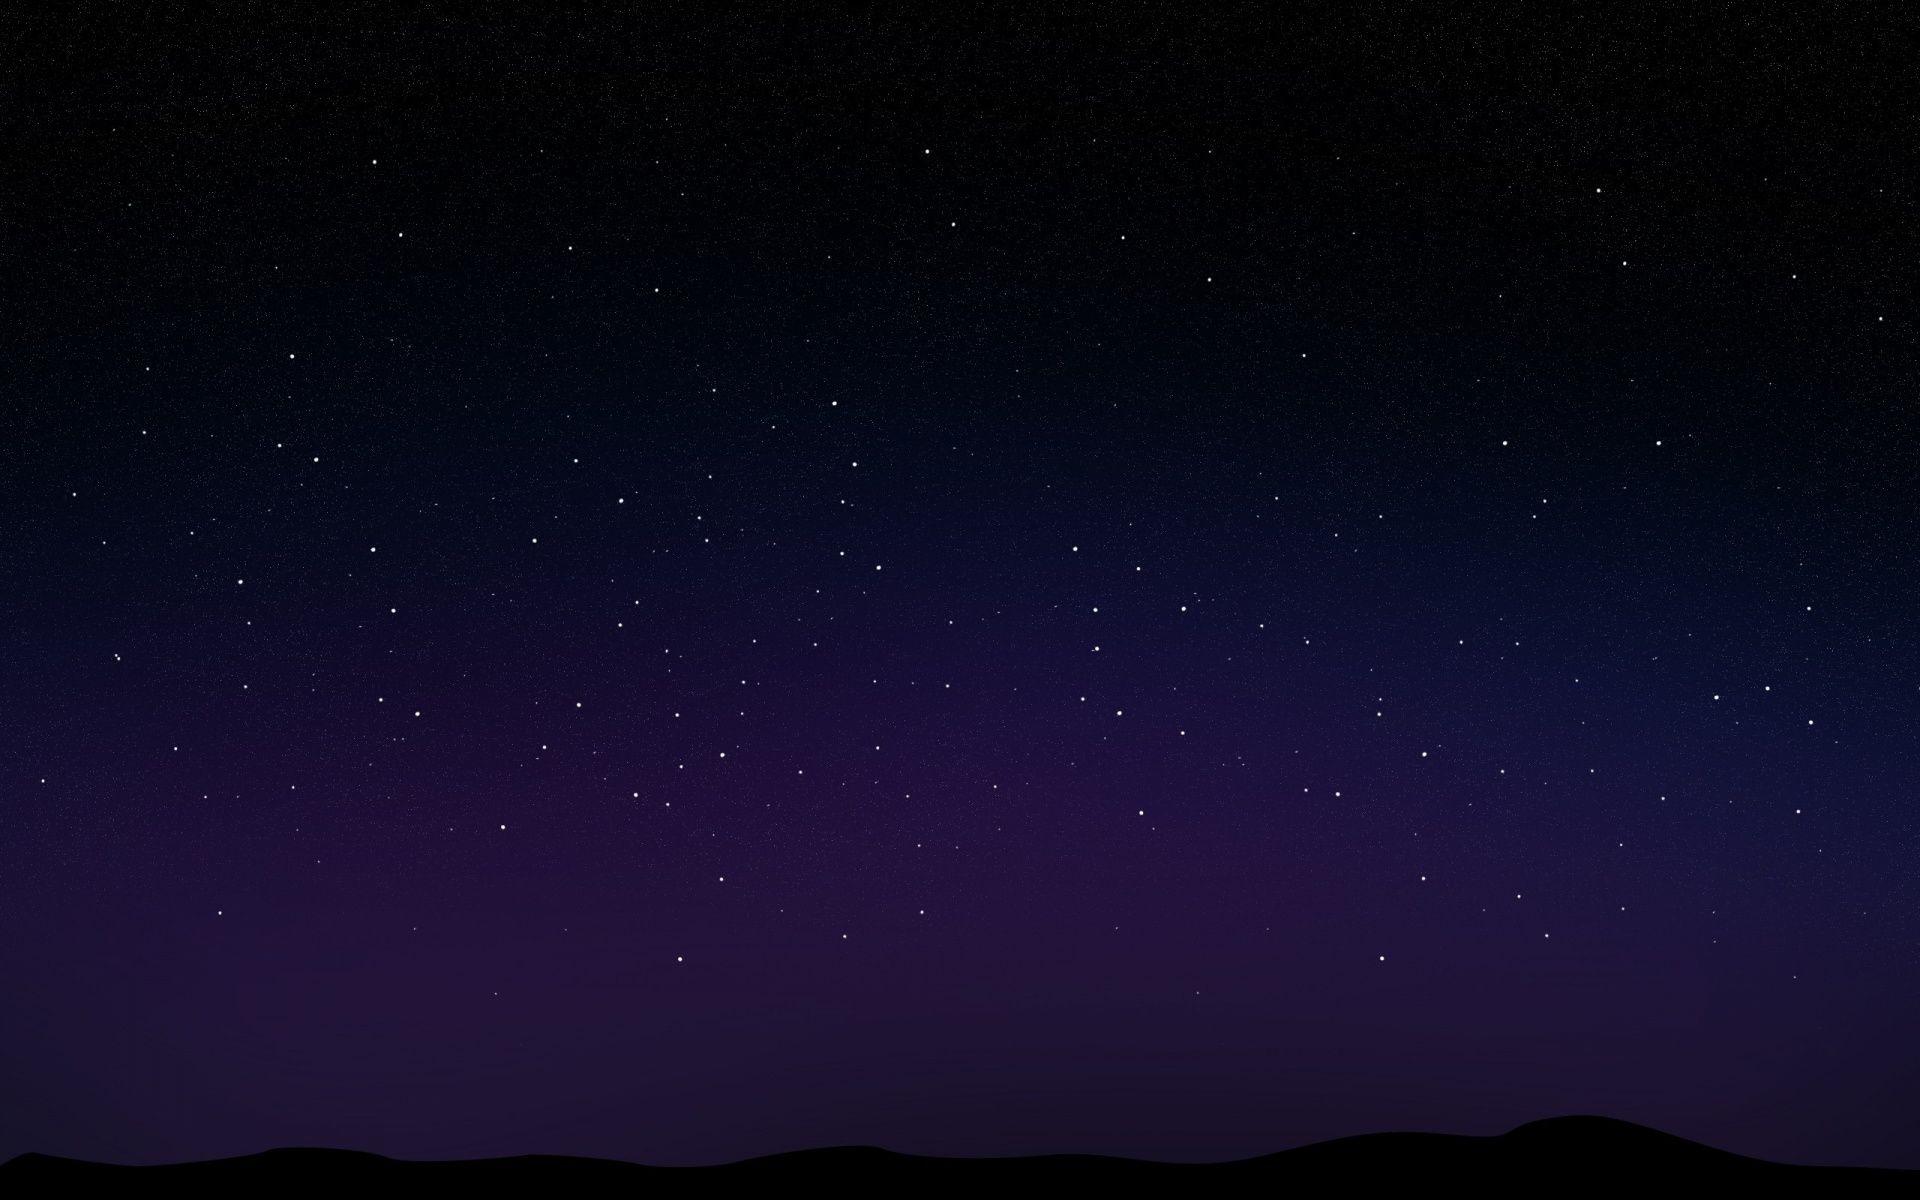 hd nebula wallpaper 1080p